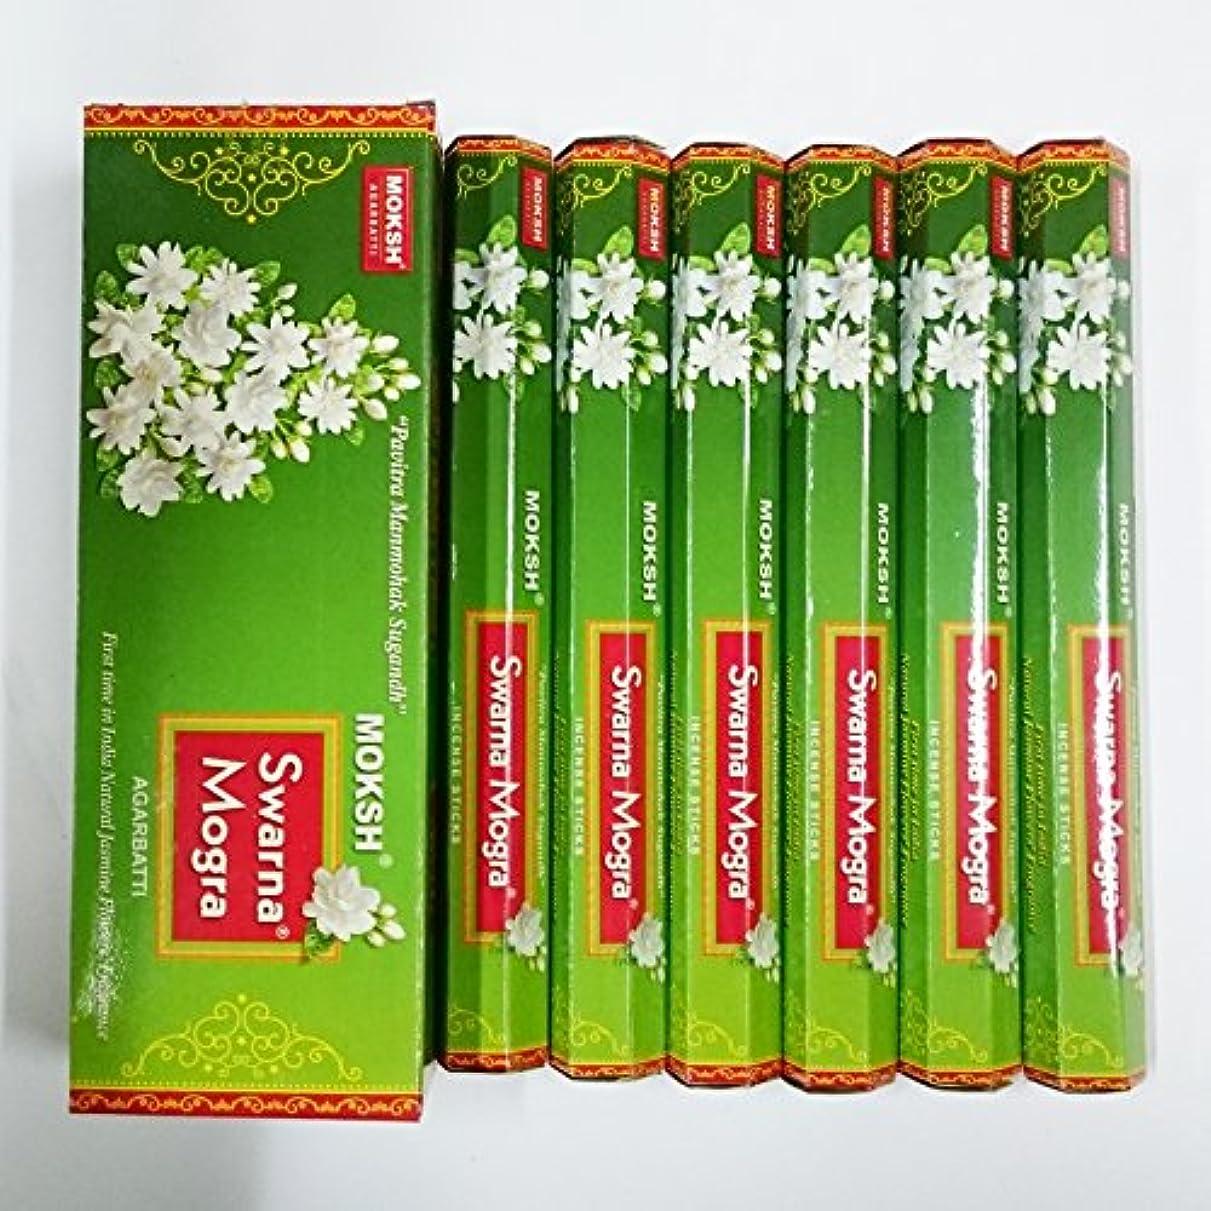 モナリザミシン外出Moksh (モクシャ) インセンス スティック へキサパック スワルナ モグラ(インドジャスミン)香 6角(20本入)×6箱 [並行輸入品]Swarna Mogra